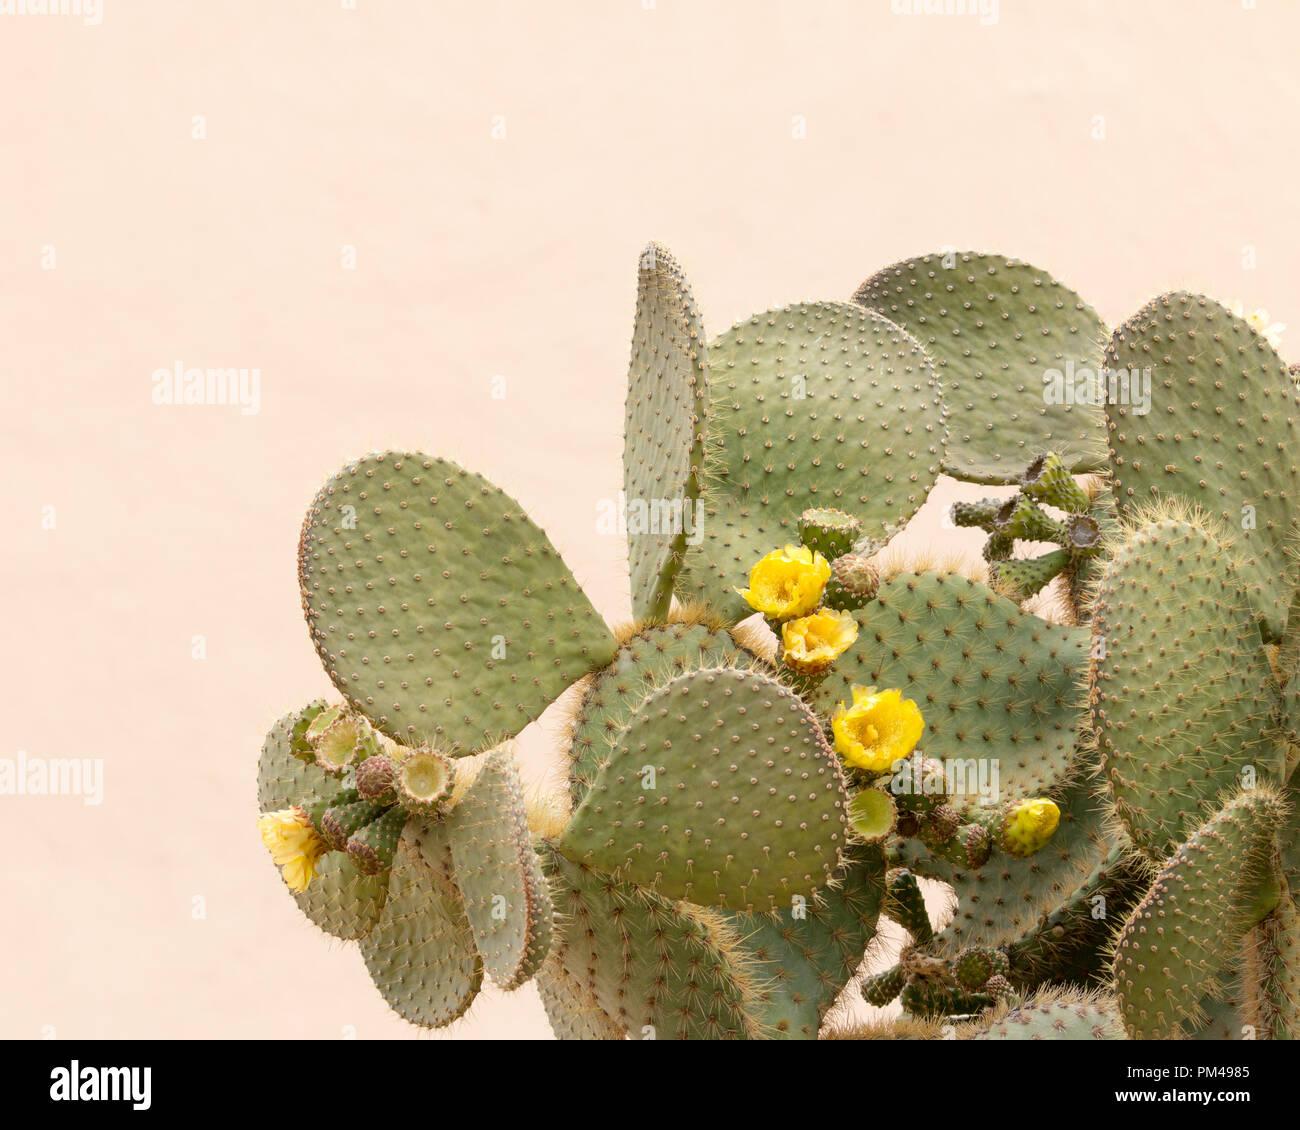 Gelbe Kaktusblüte Opuntia ficus mit einfachen Creme Farbe Hintergrund Stockfoto